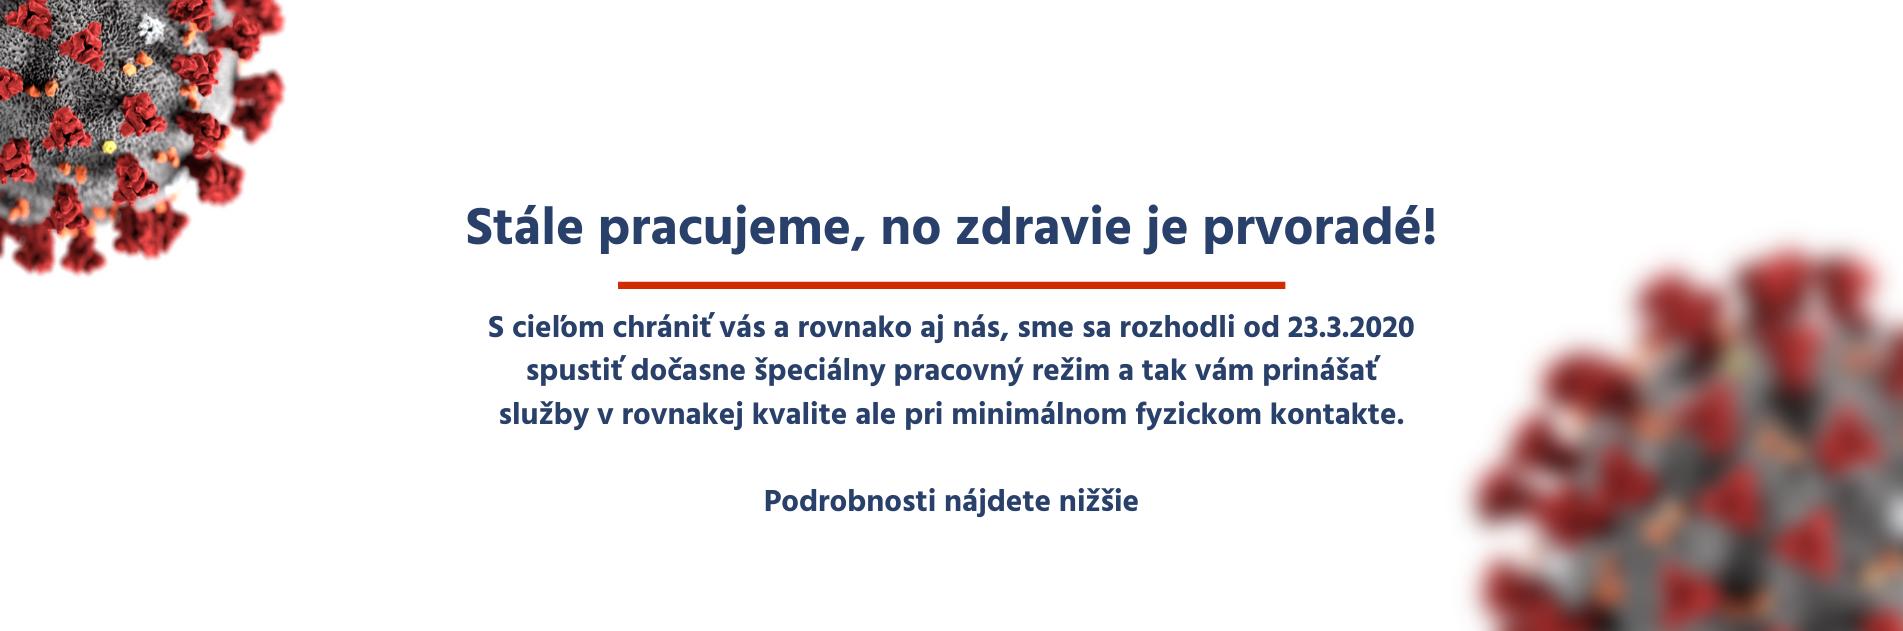 iDoctor | Servis mobilov počas karantény (Corona vírus)